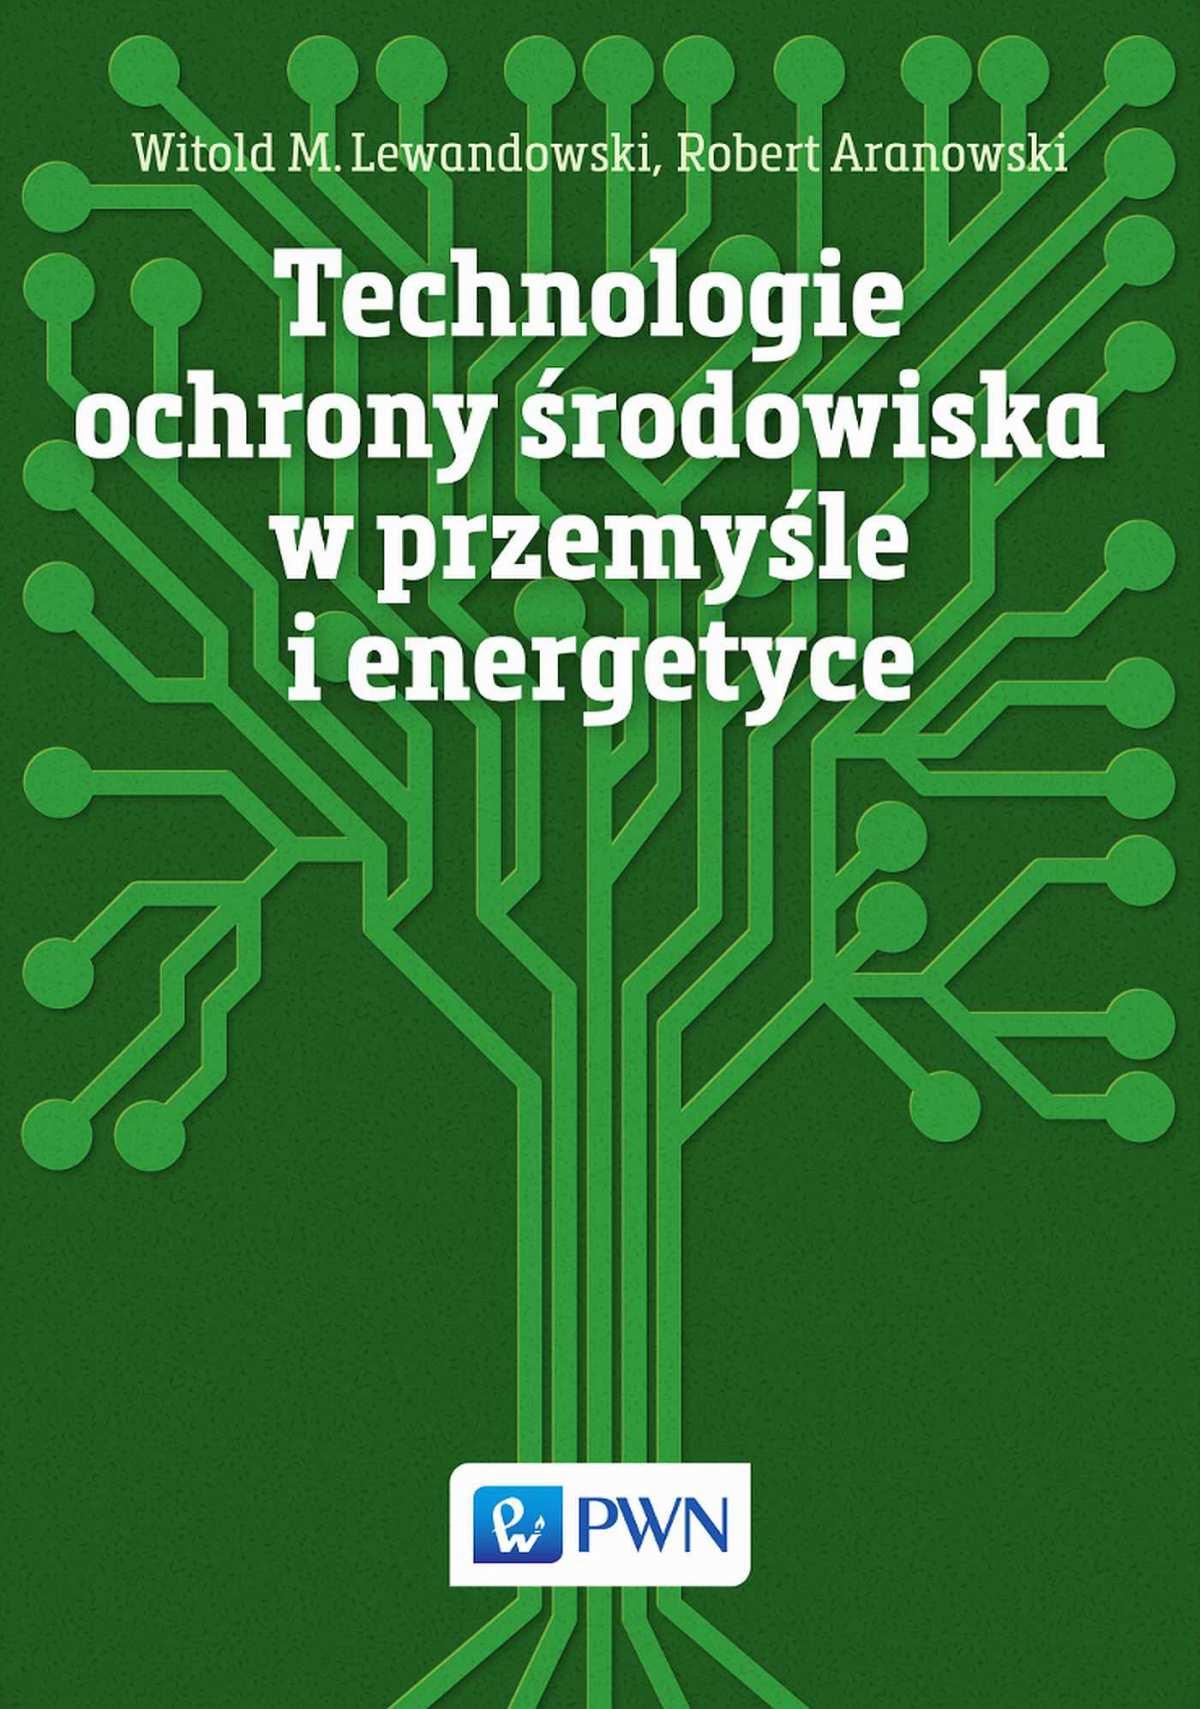 Technologie ochrony środowiska w przemyśle i energetyce - Ebook (Książka EPUB) do pobrania w formacie EPUB